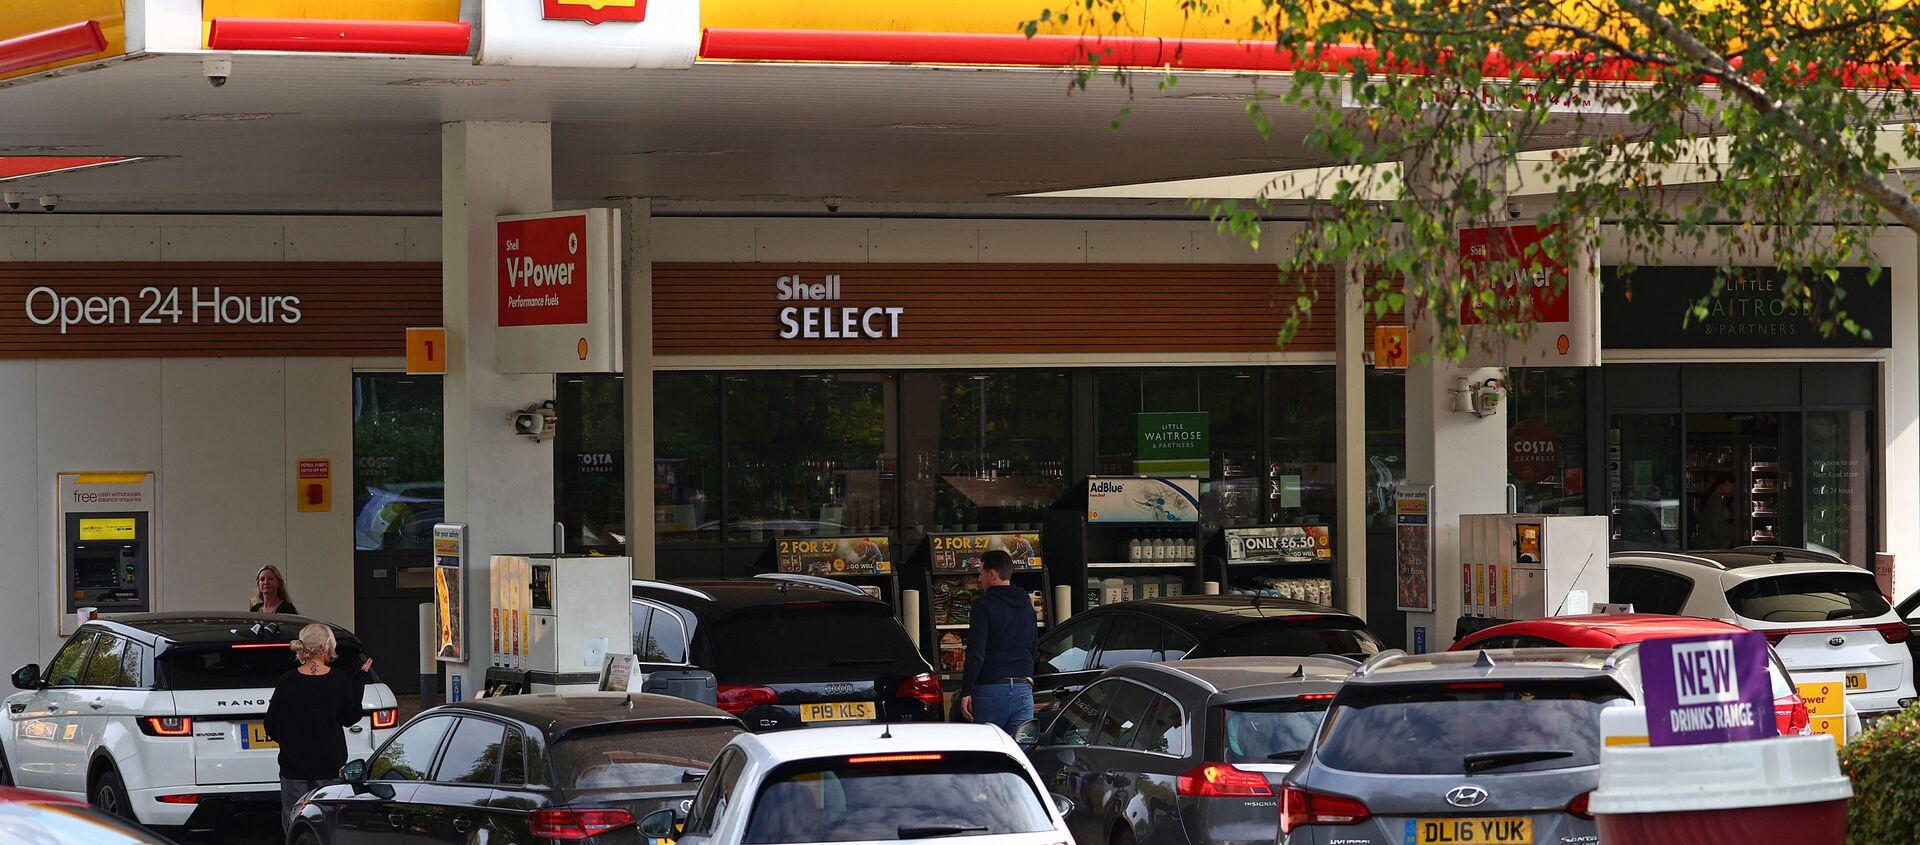 Автомобилисты выстраиваются в очередь, чтобы заправить свои автомобили бензином или дизельным топливом у бензозаправочного центра Shell возле Фарнборо, к западу от Лондона - Sputnik Абхазия, 1920, 27.09.2021